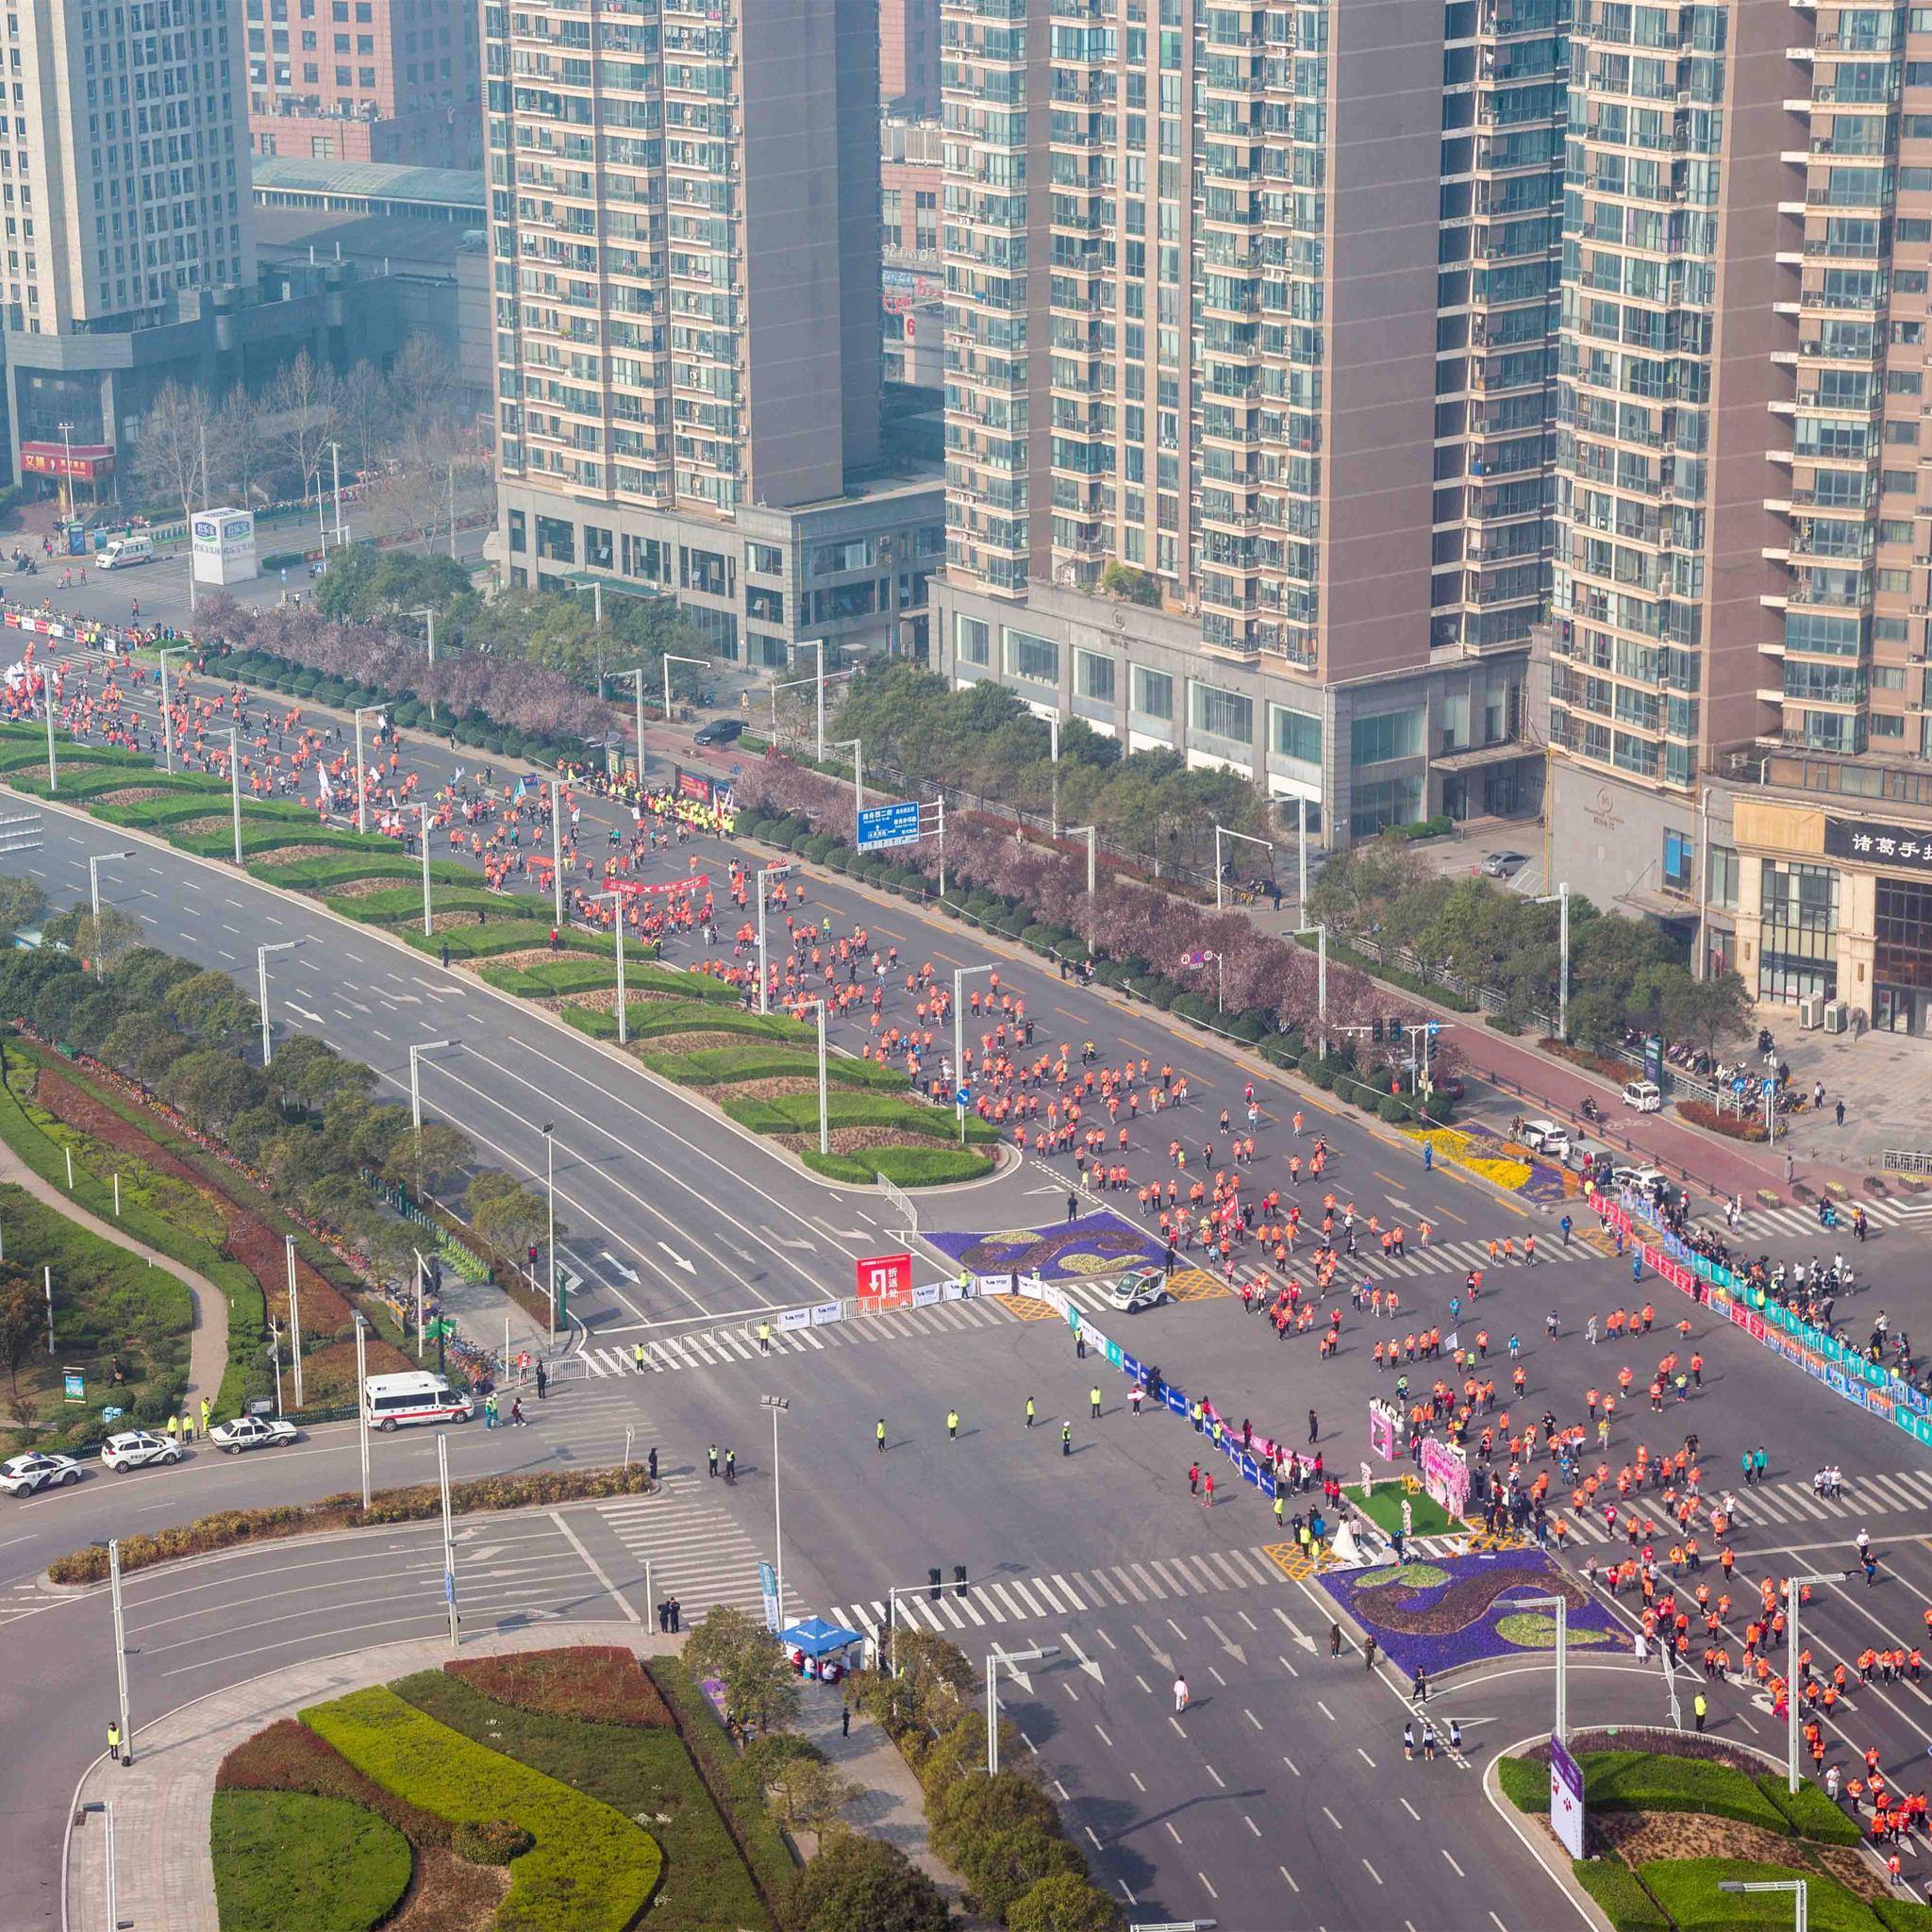 2018郑开国际马拉松赛精彩瞬间(一)